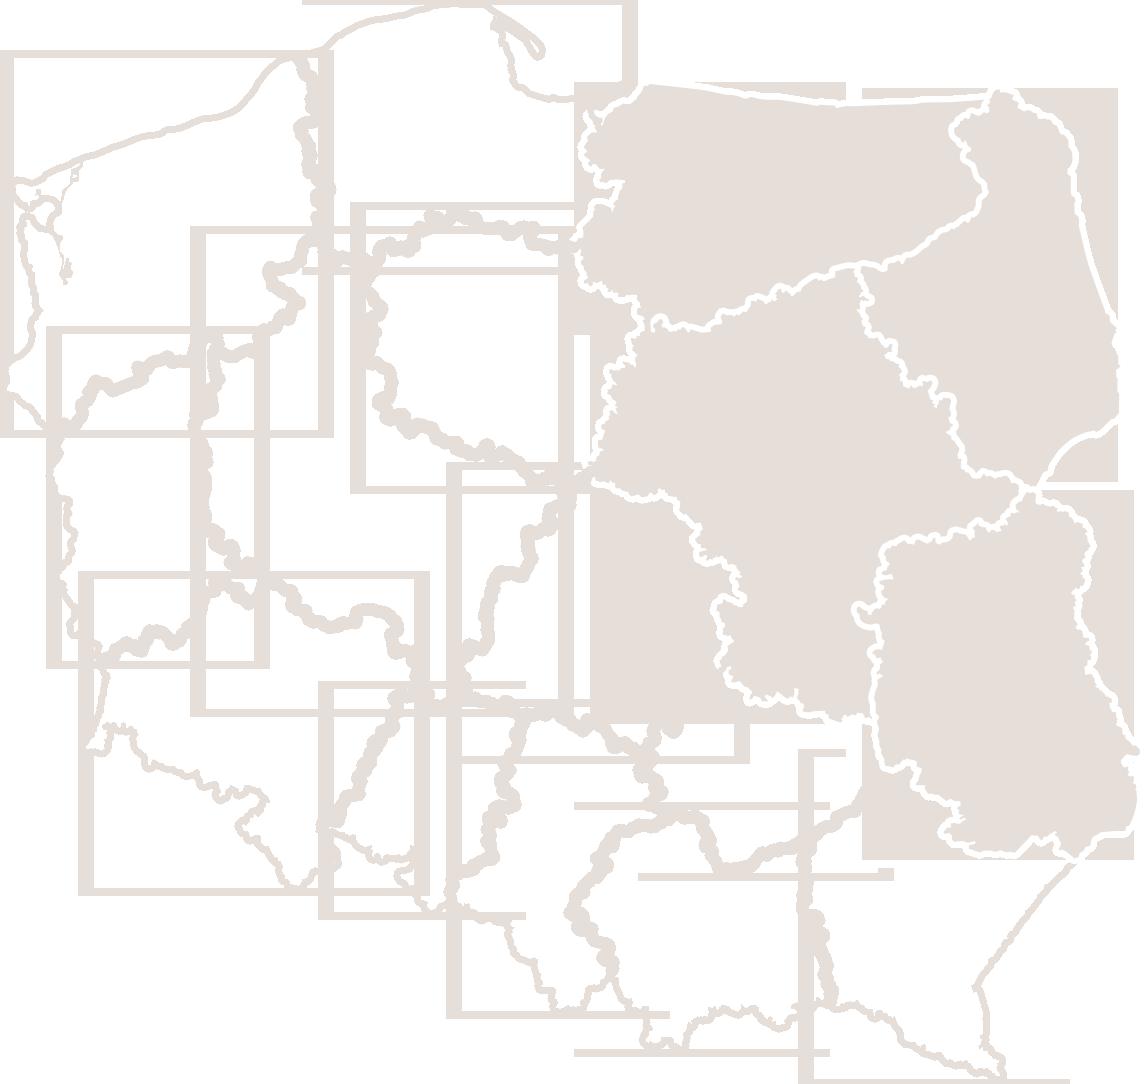 Dział handlowy - regiony: warmińsko-mazurskie, podlaskie, mazowieckie, lubelskie